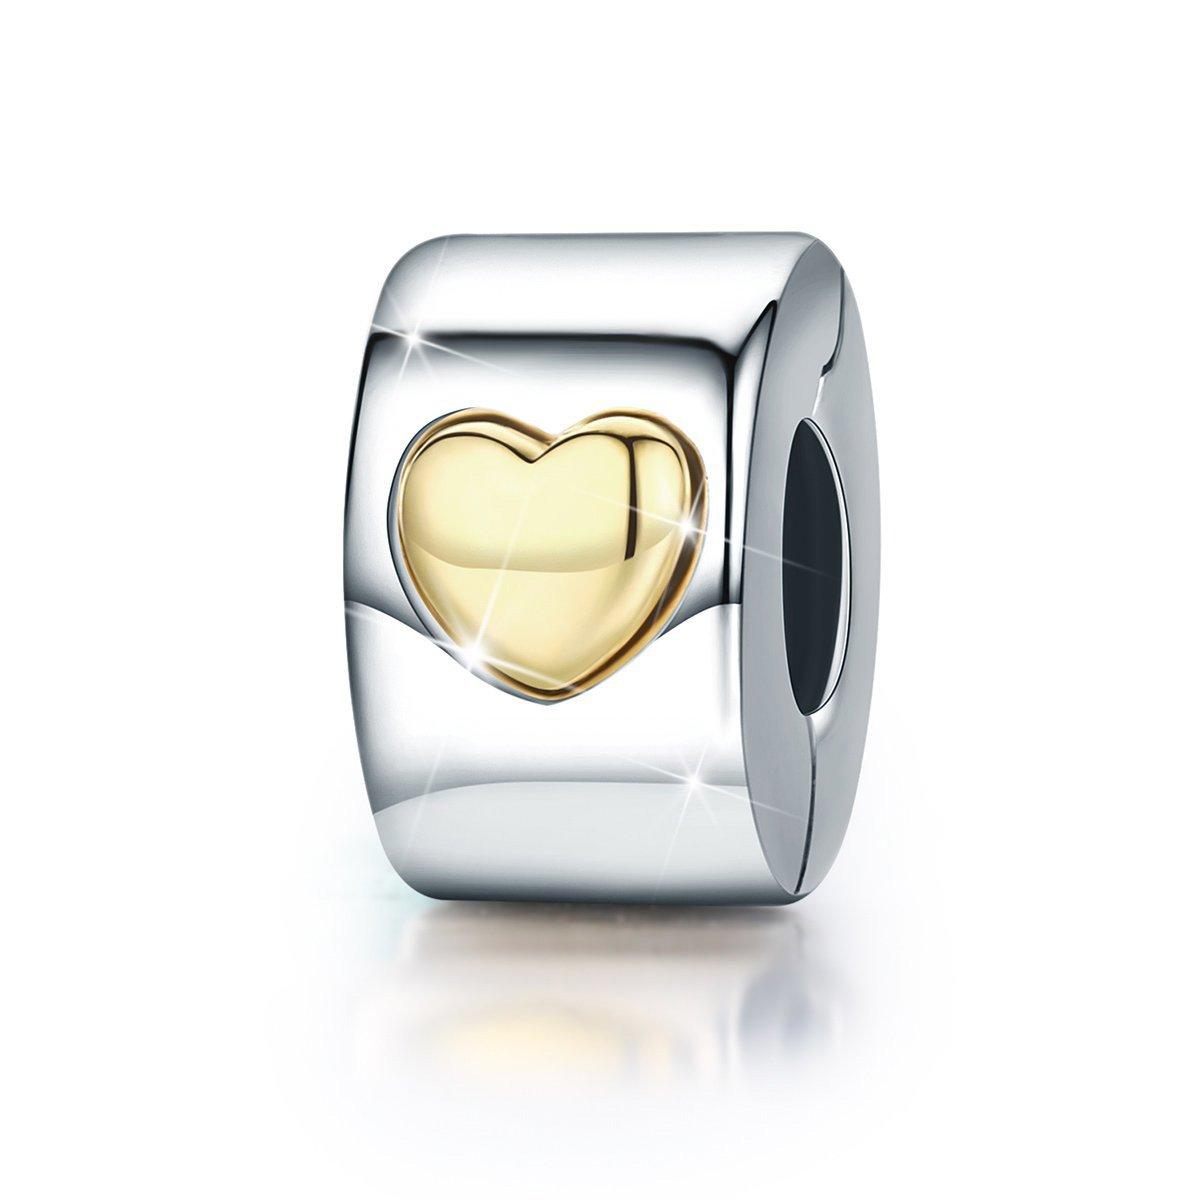 en argent sterling 925 Breloque /à clip avec c/œur mod/èle Love You Forever breloque darr/êt pour bracelets europ/éens de type ou autres bracelets /à breloques